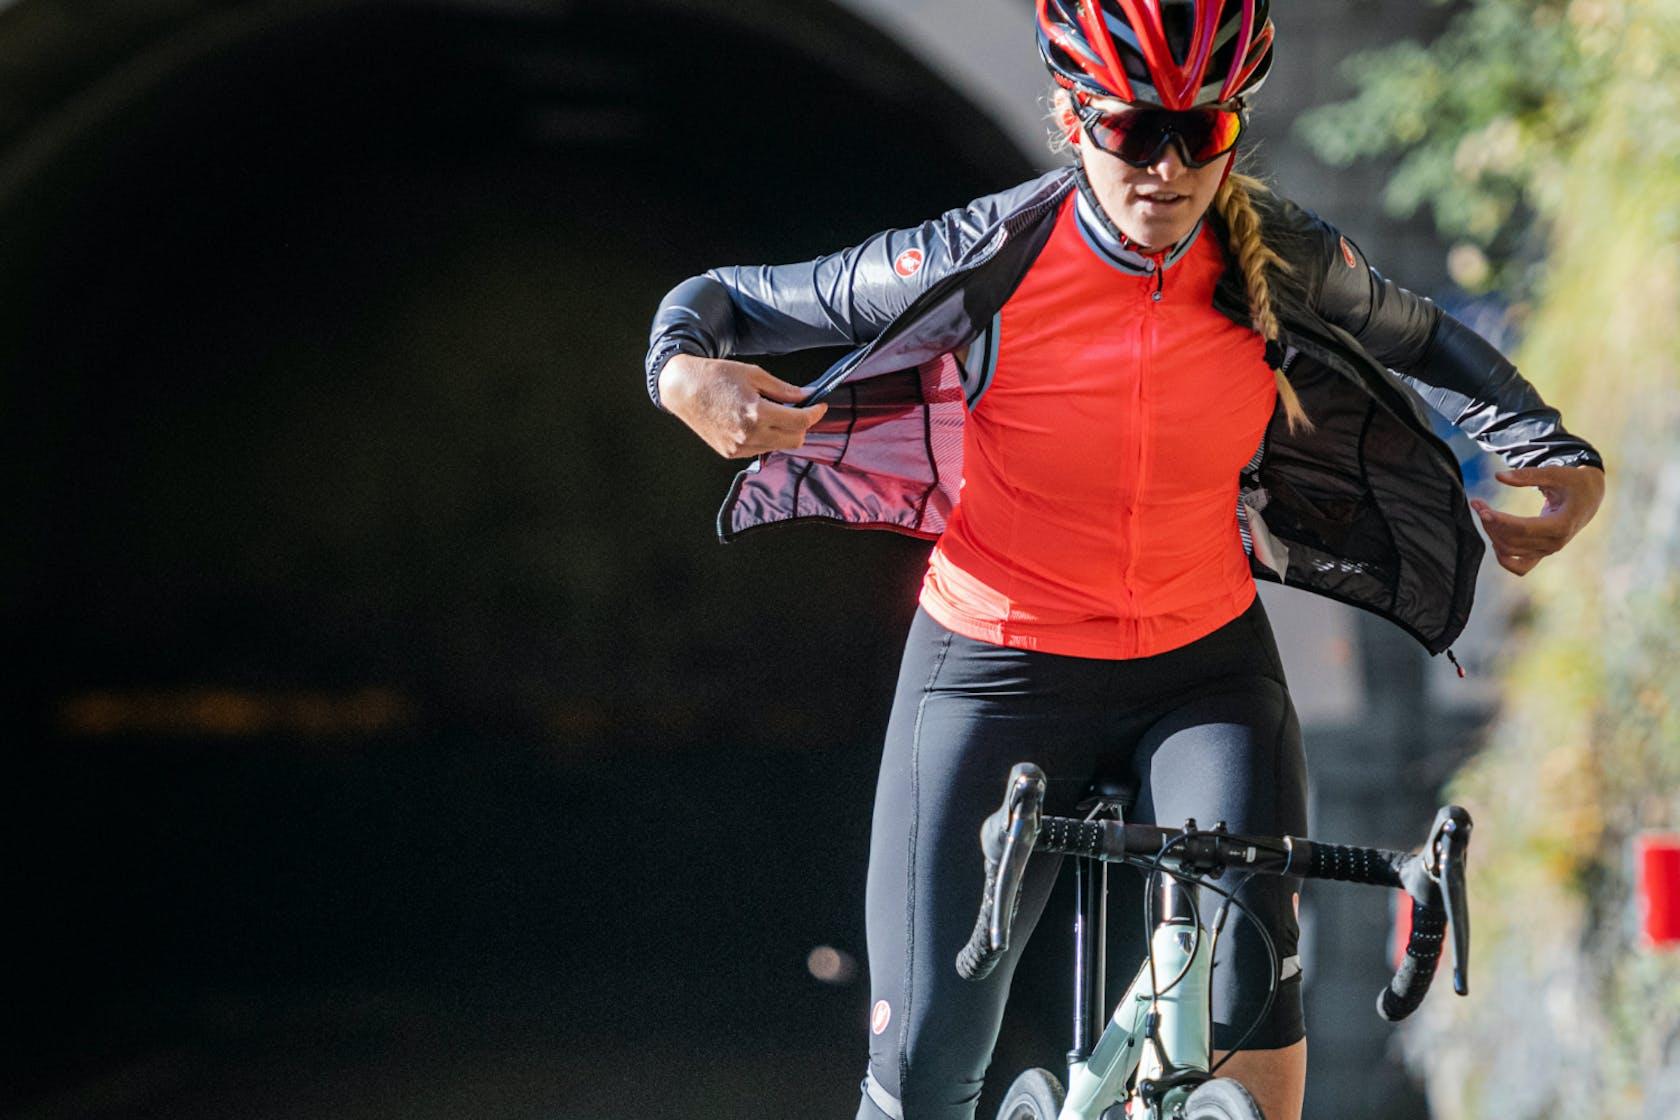 Bekleidung Rennrad und Gravelbike | Onlineshop